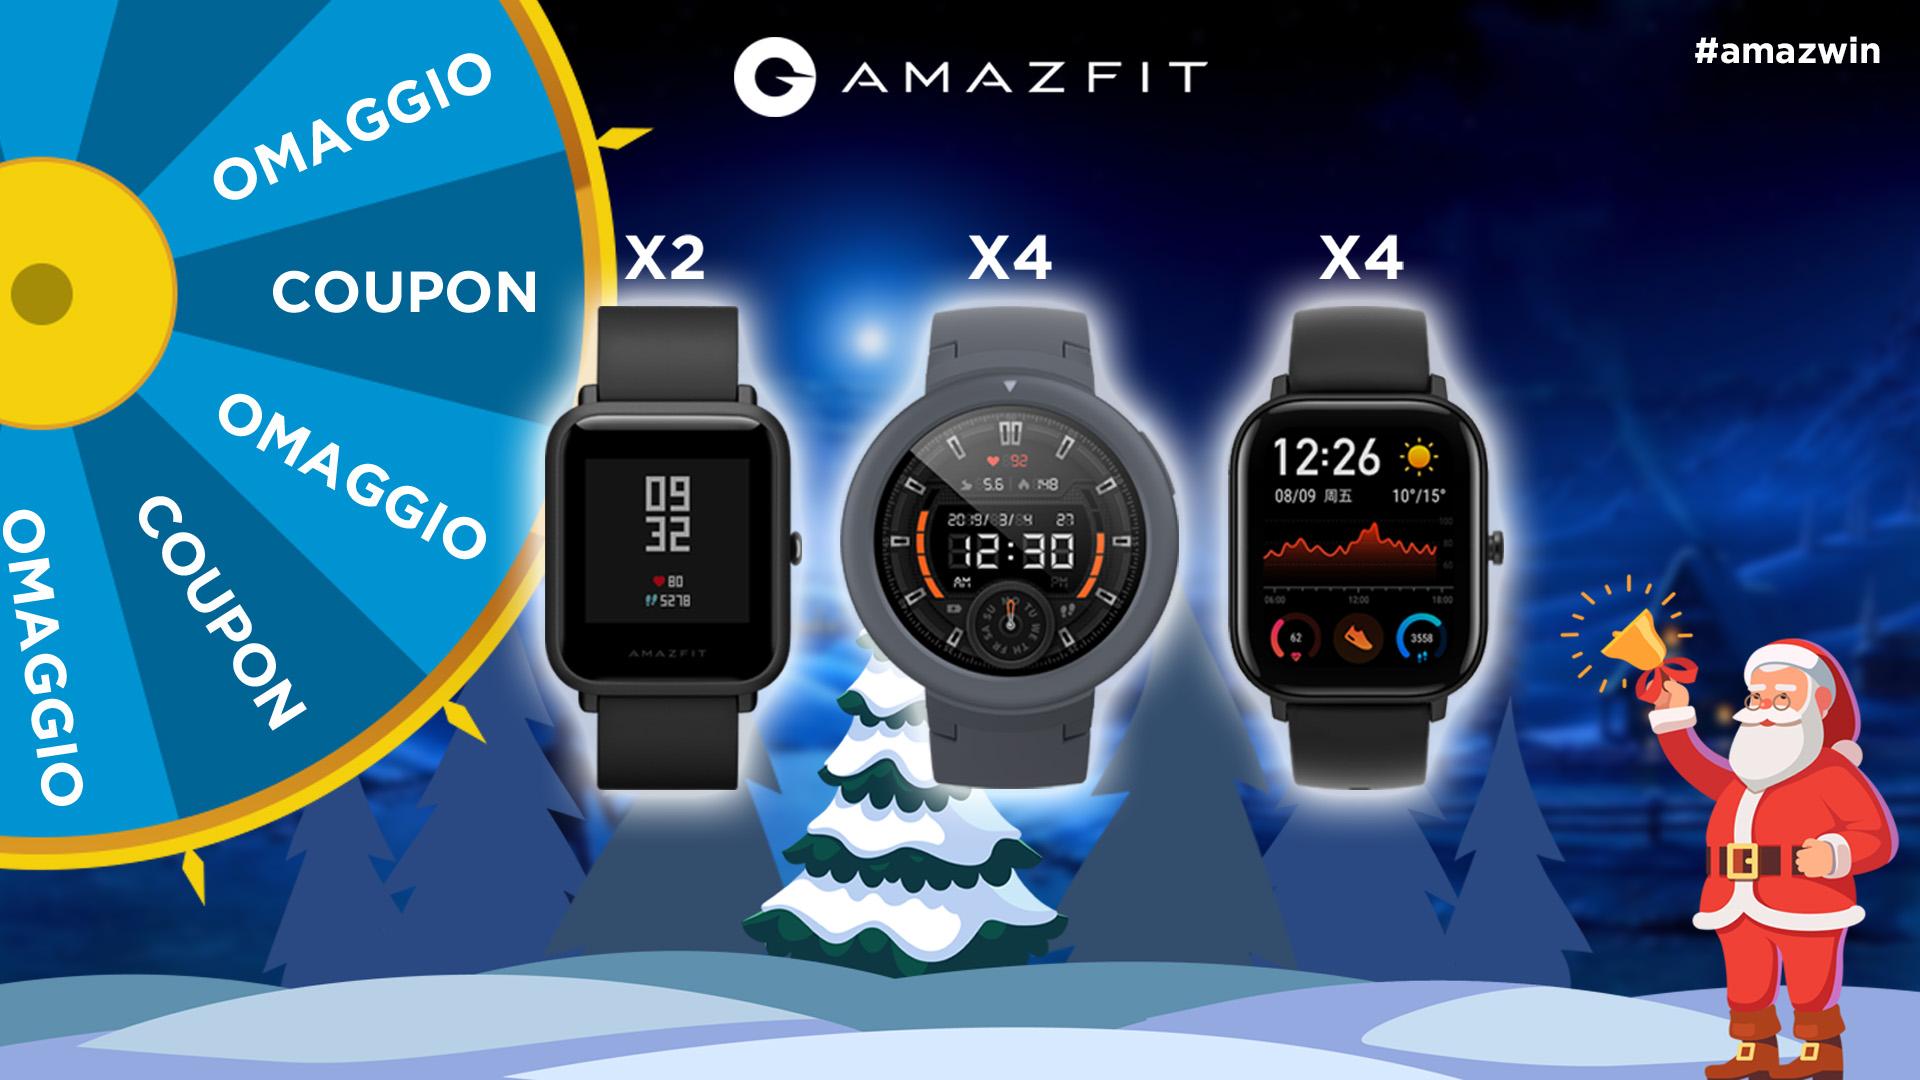 Amazfit lancia il concorso di Natale che mette in palio diec